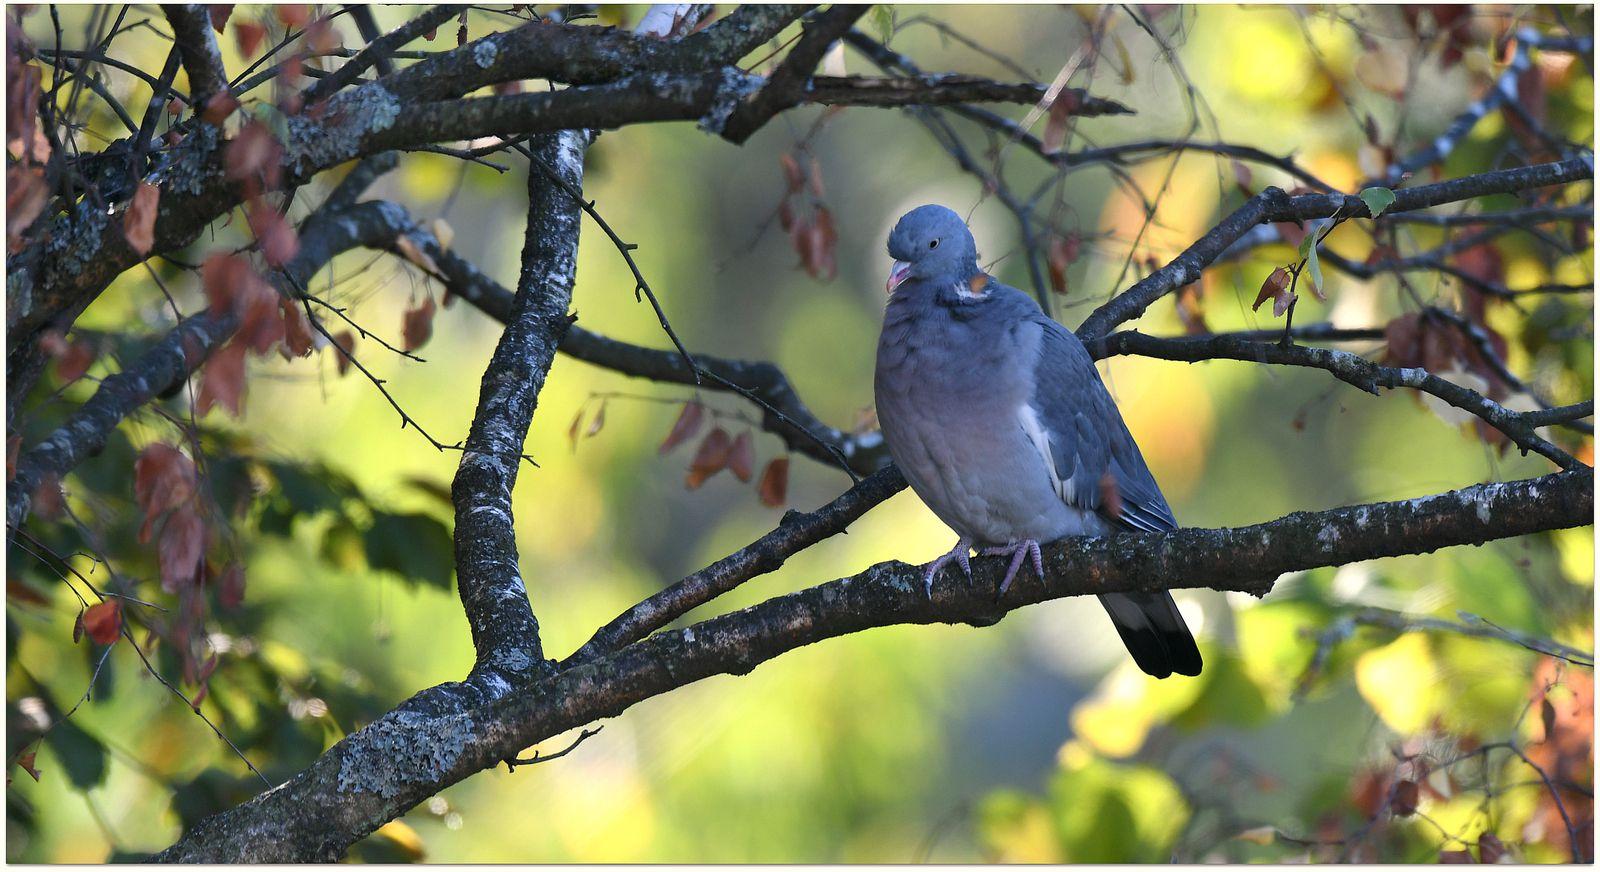 le Pigeon ramier dont les effectifs semblent en augmentation (cliché Martial Queyrie)